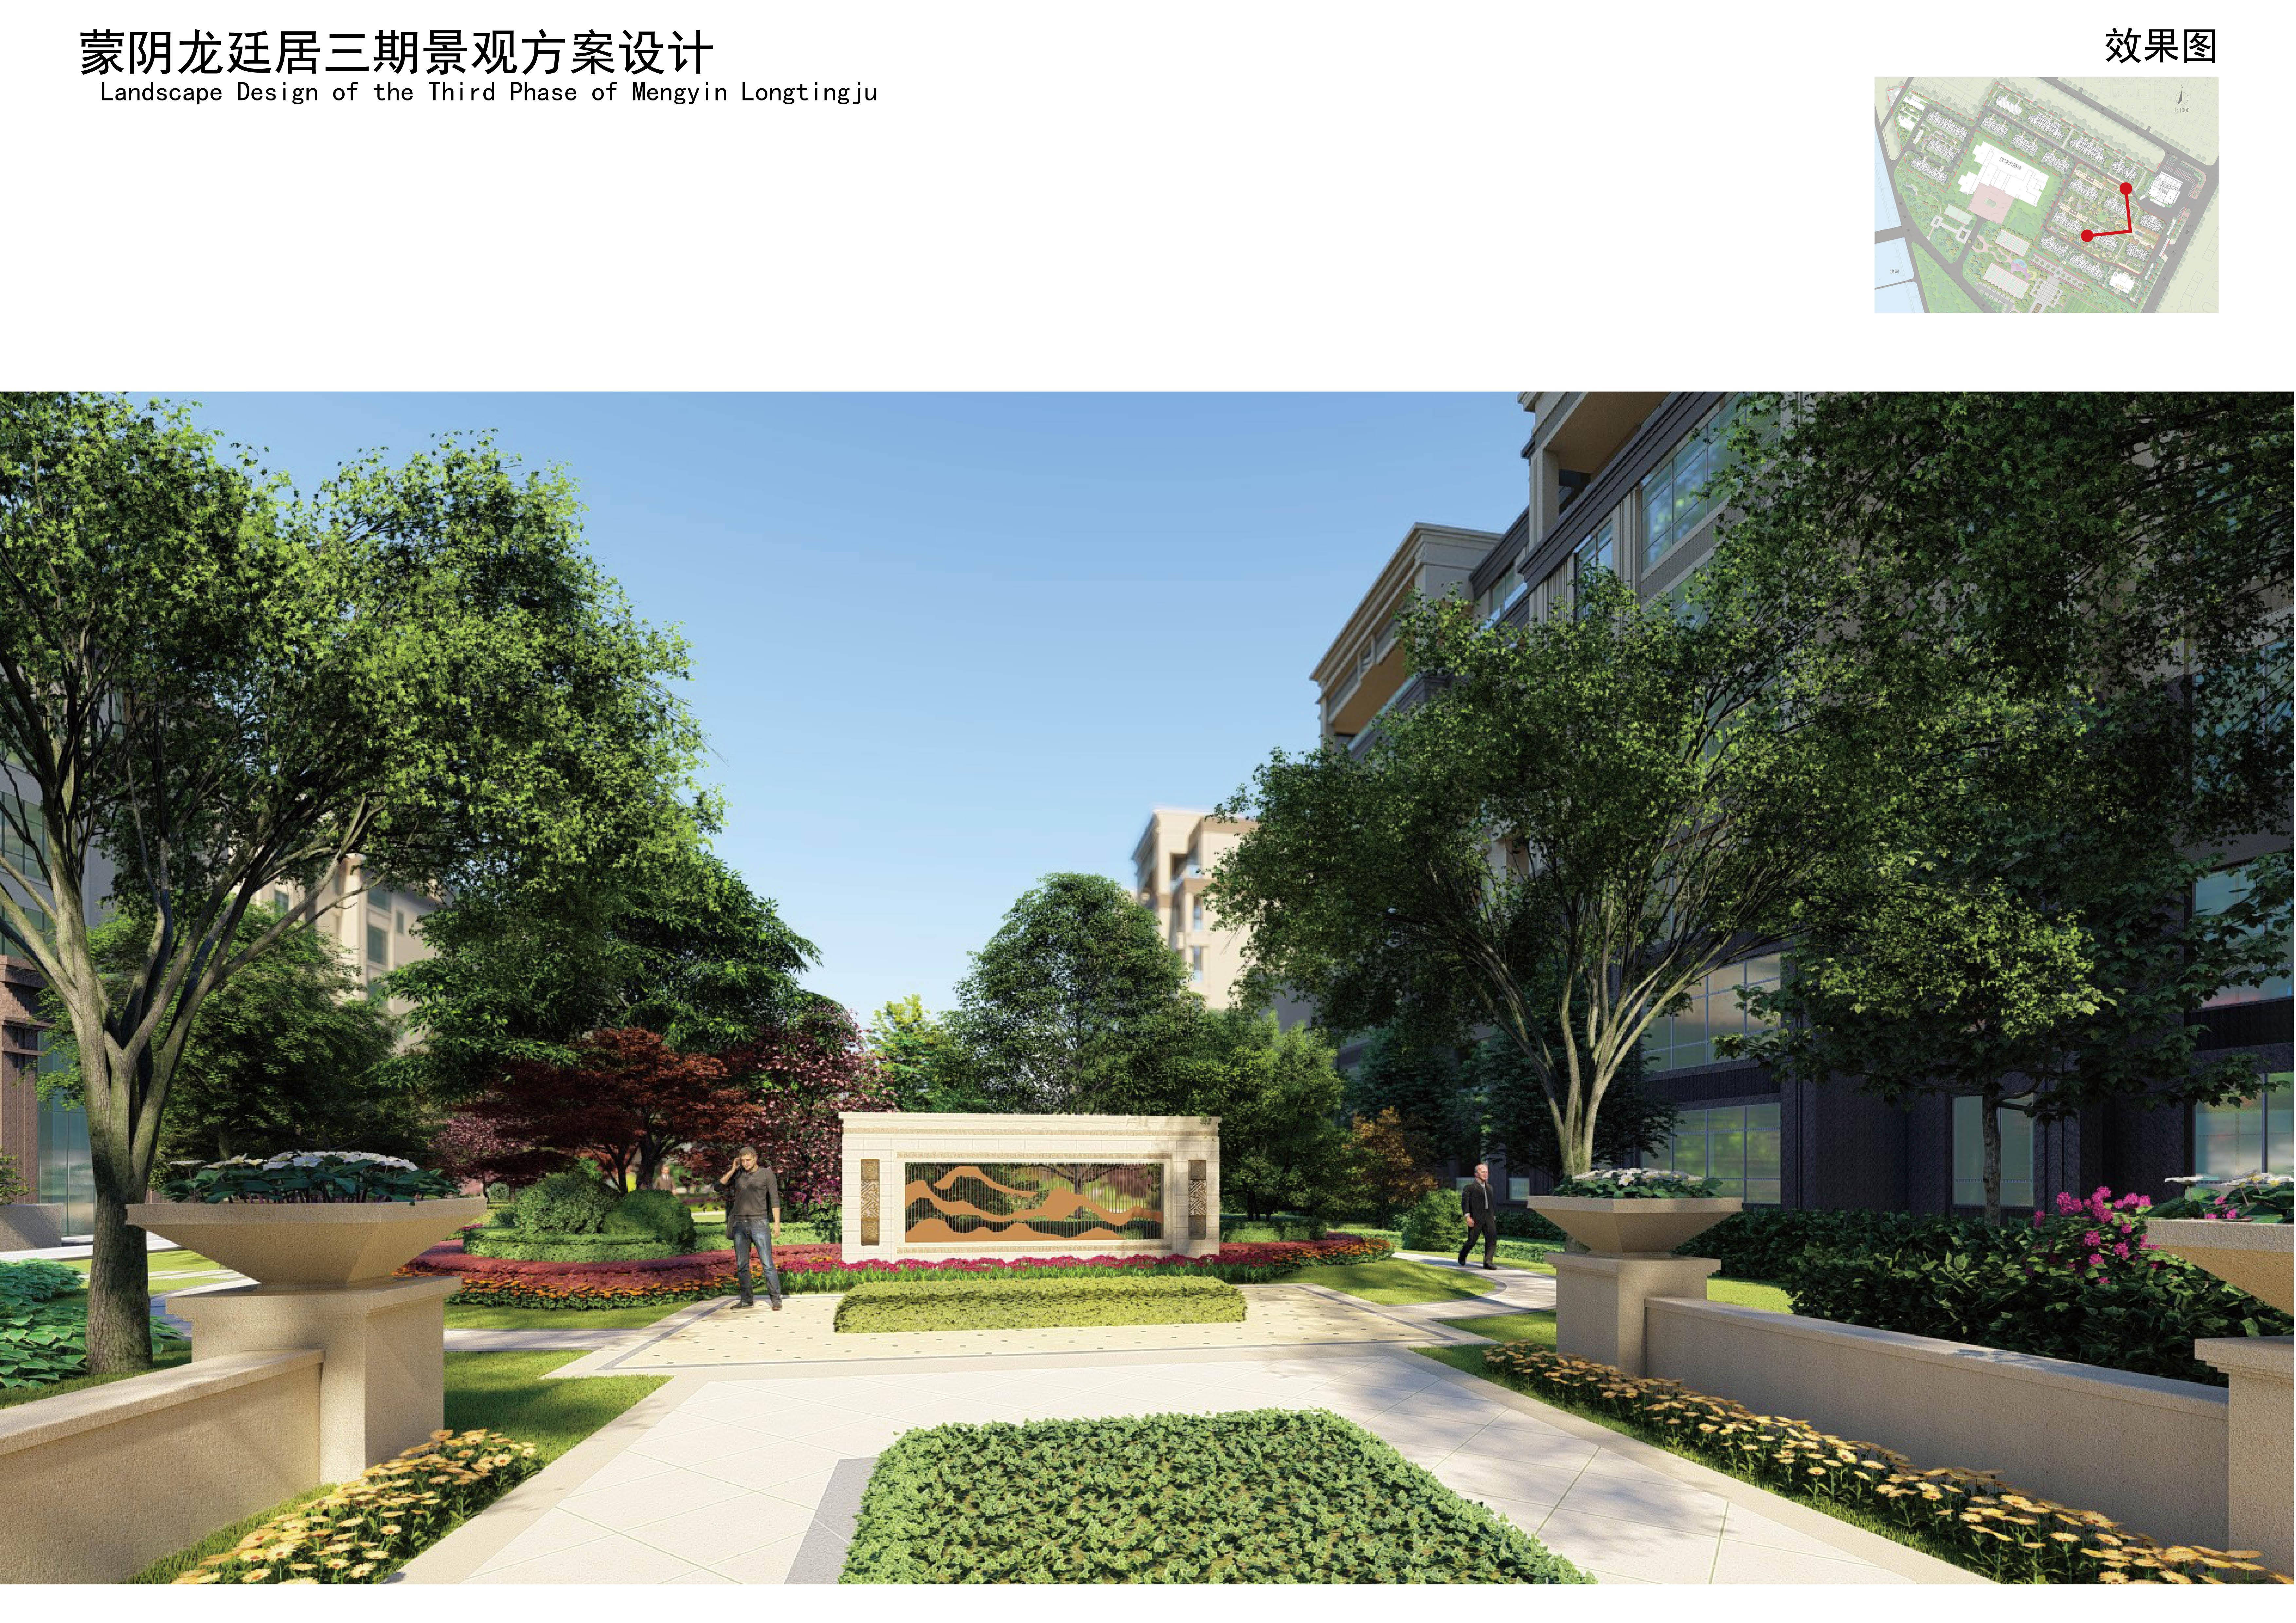 龍廷居3期地产景观设计